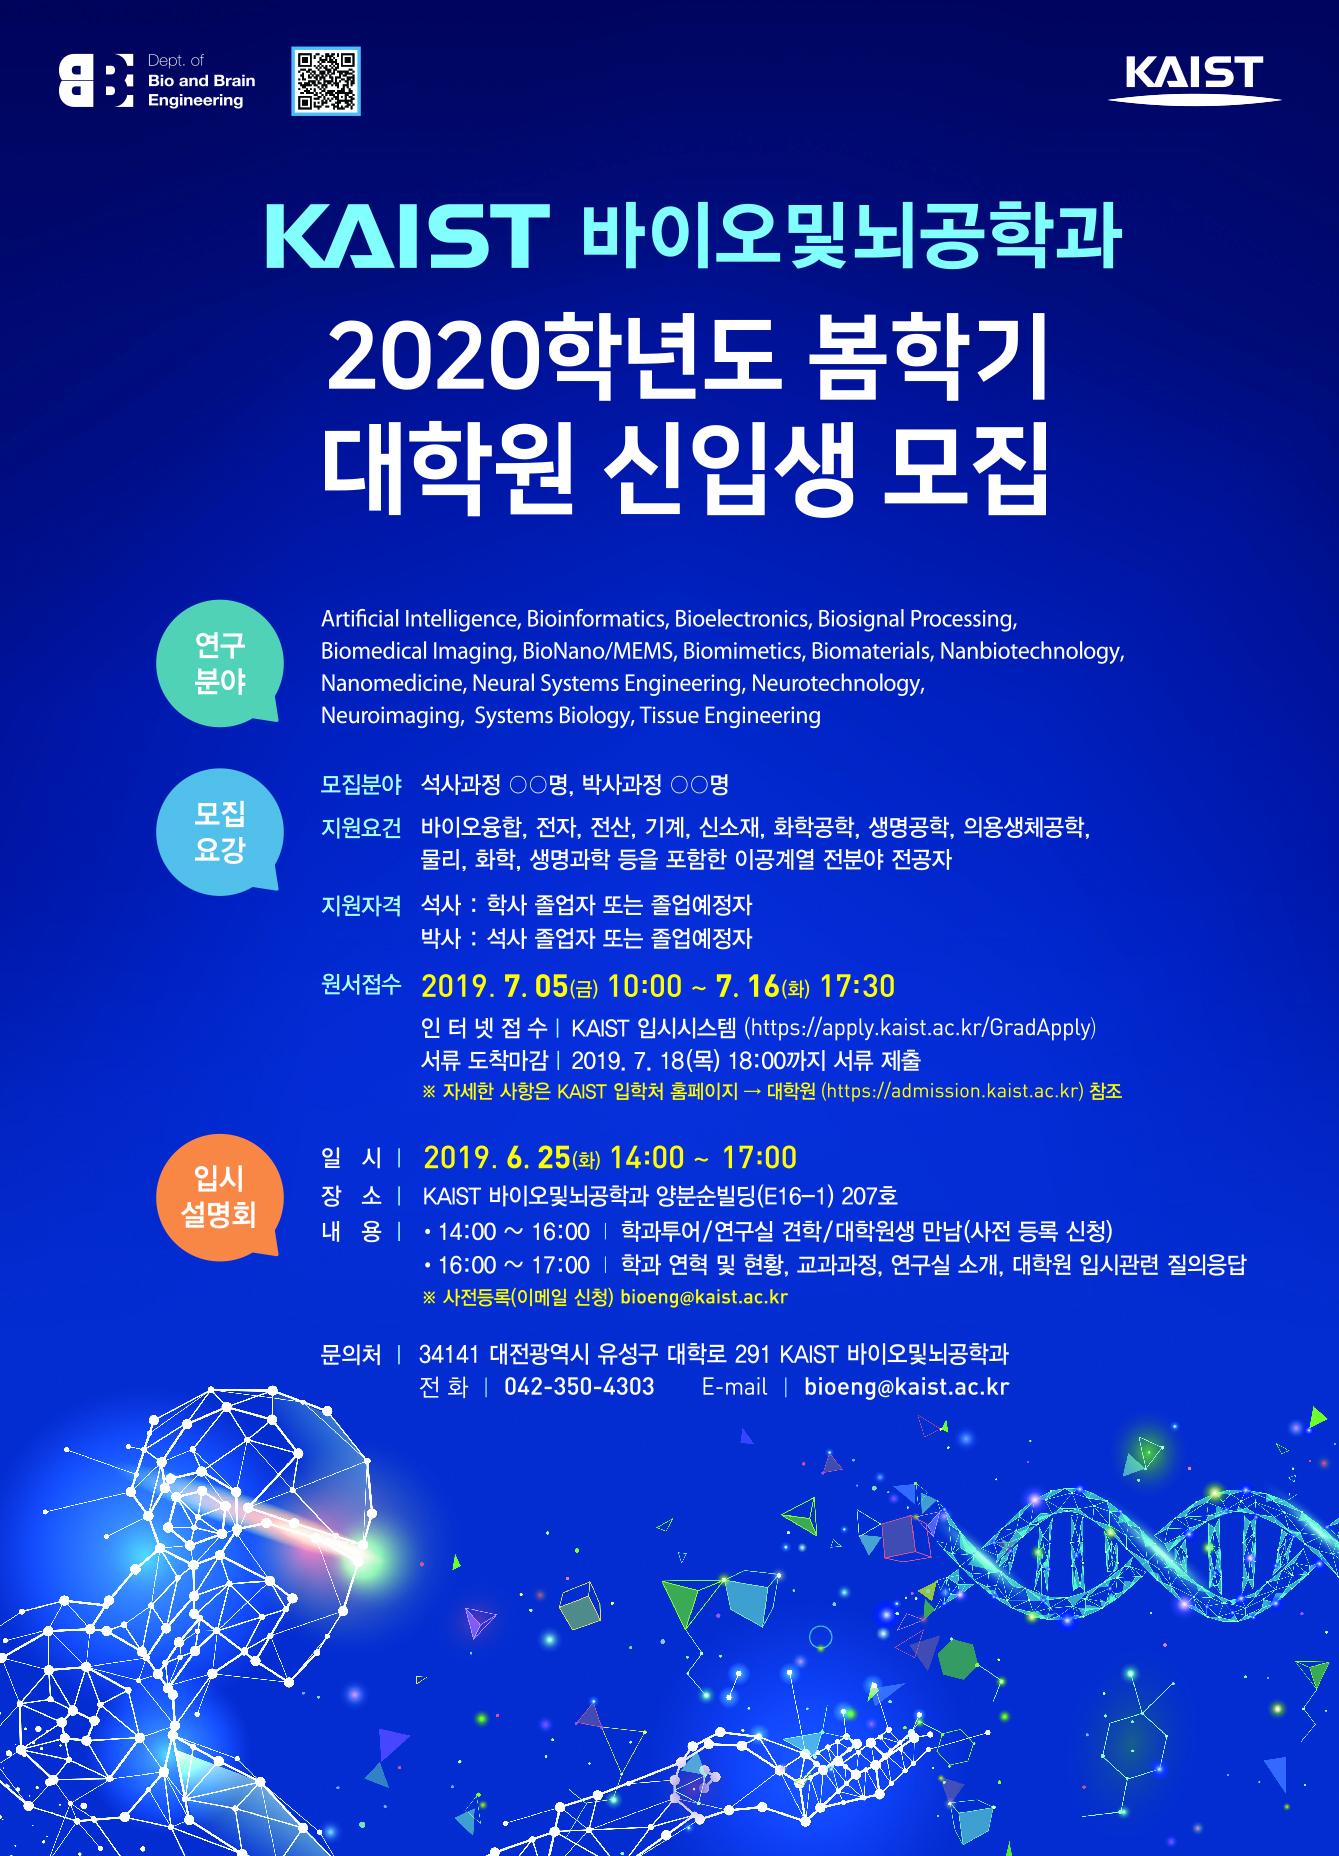 2020봄학기 입시포스터(바이오뇌공학).jpg